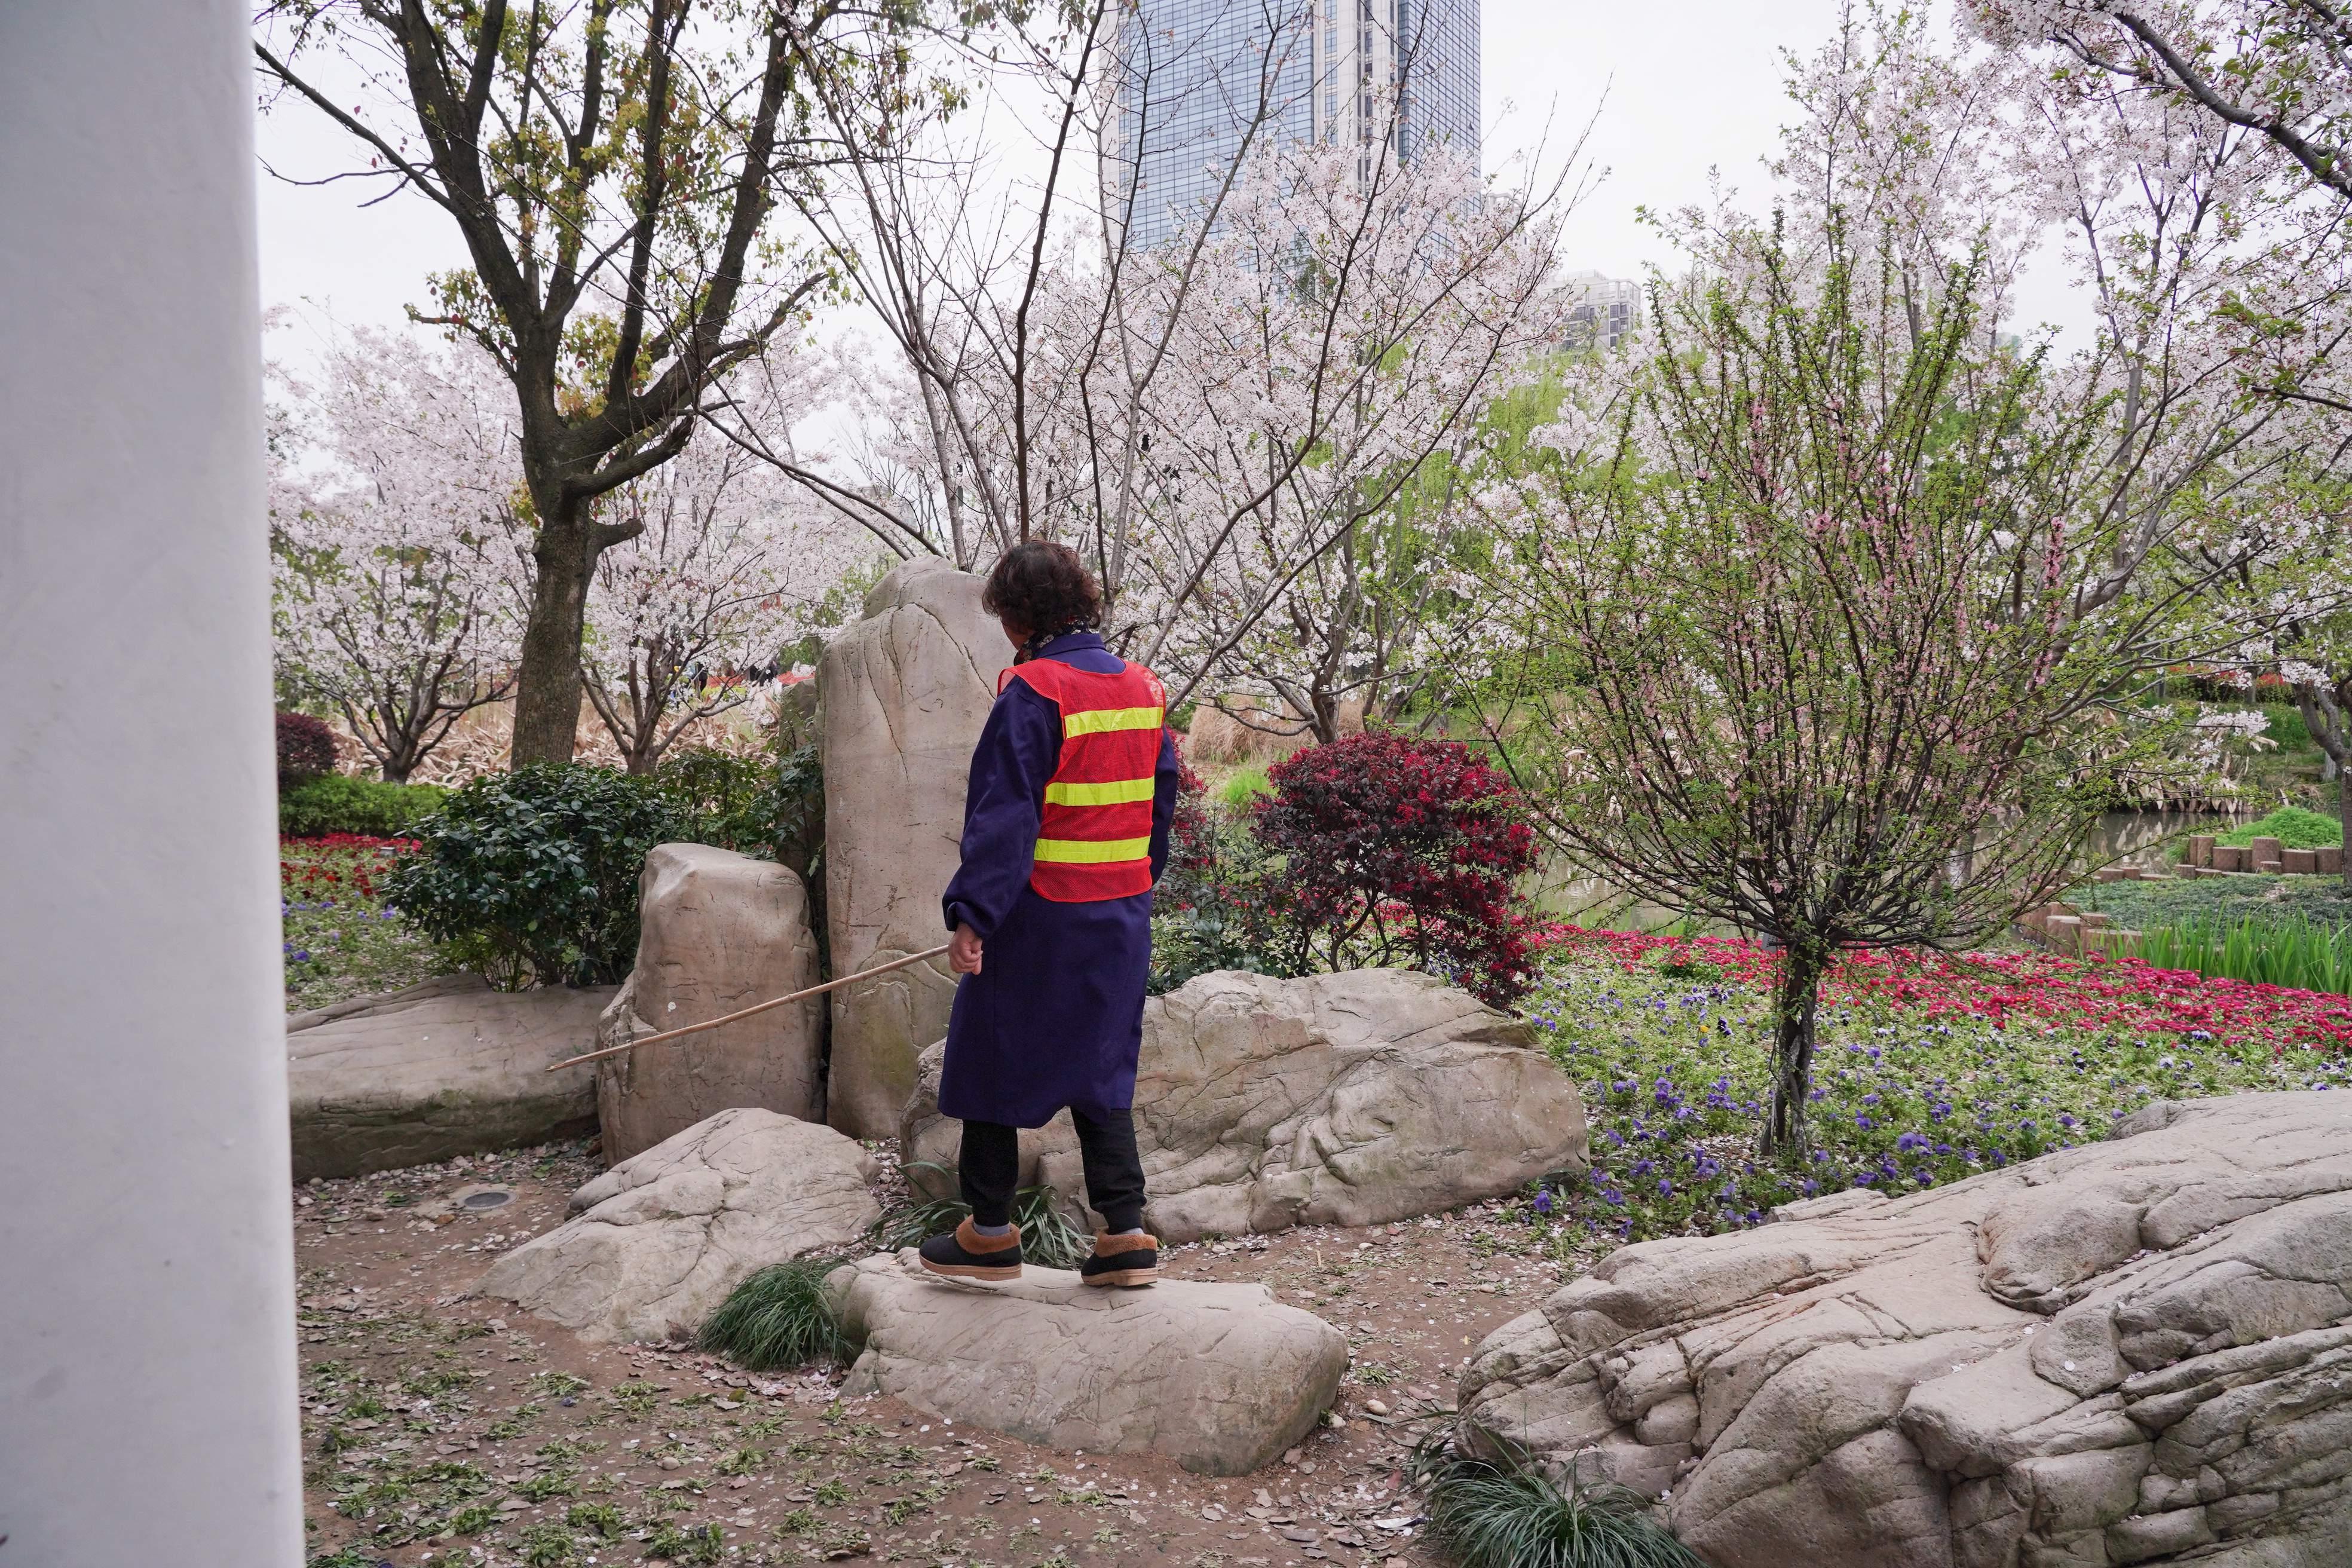 宁波樱花公园樱花正艳,游客众多,却苦了清洁工阿姨